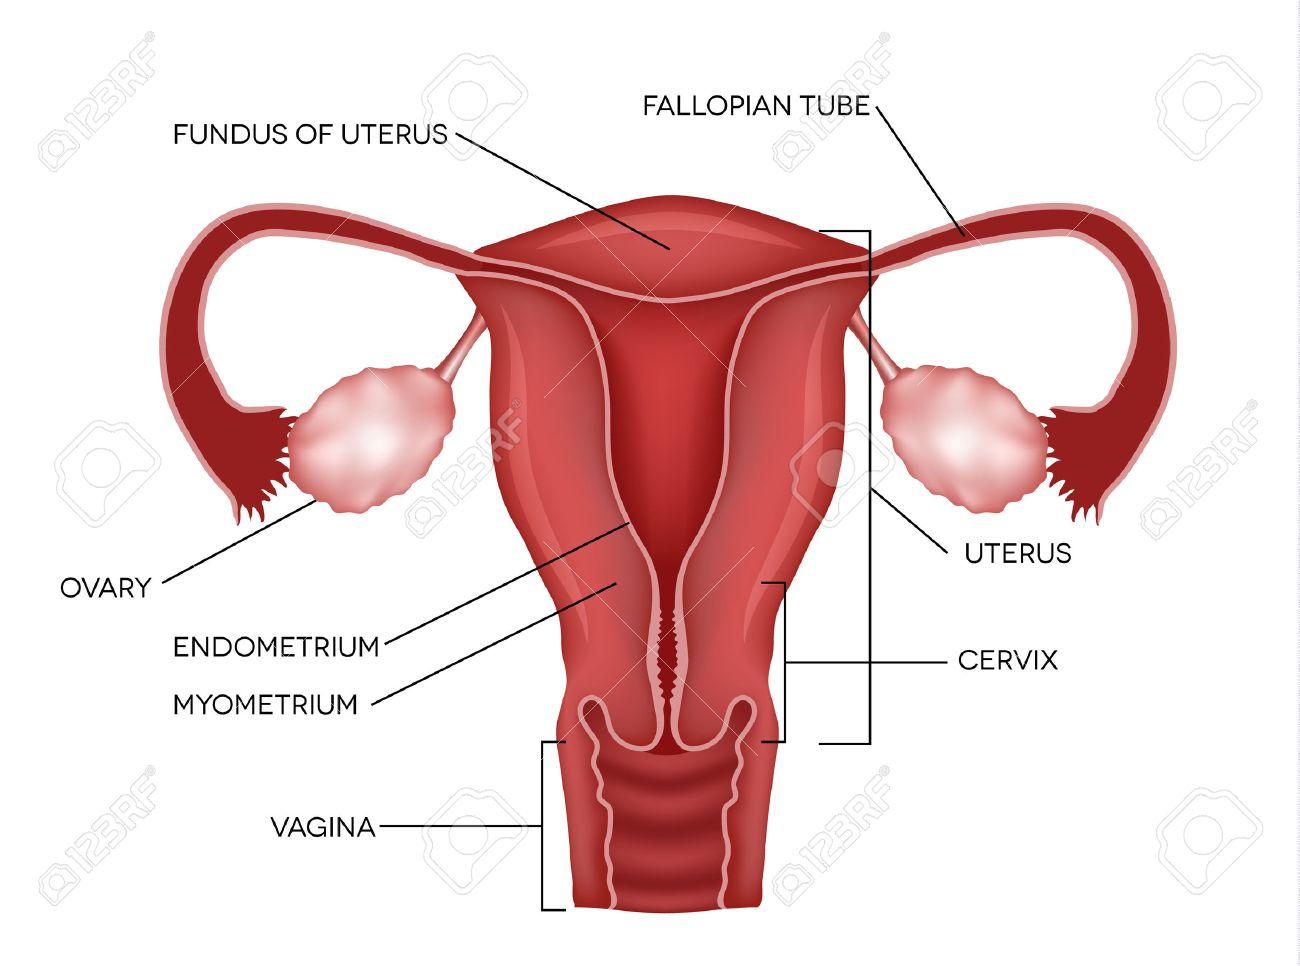 Tero Y Los Ovarios, órganos Del Sistema Reproductor Femenino ...